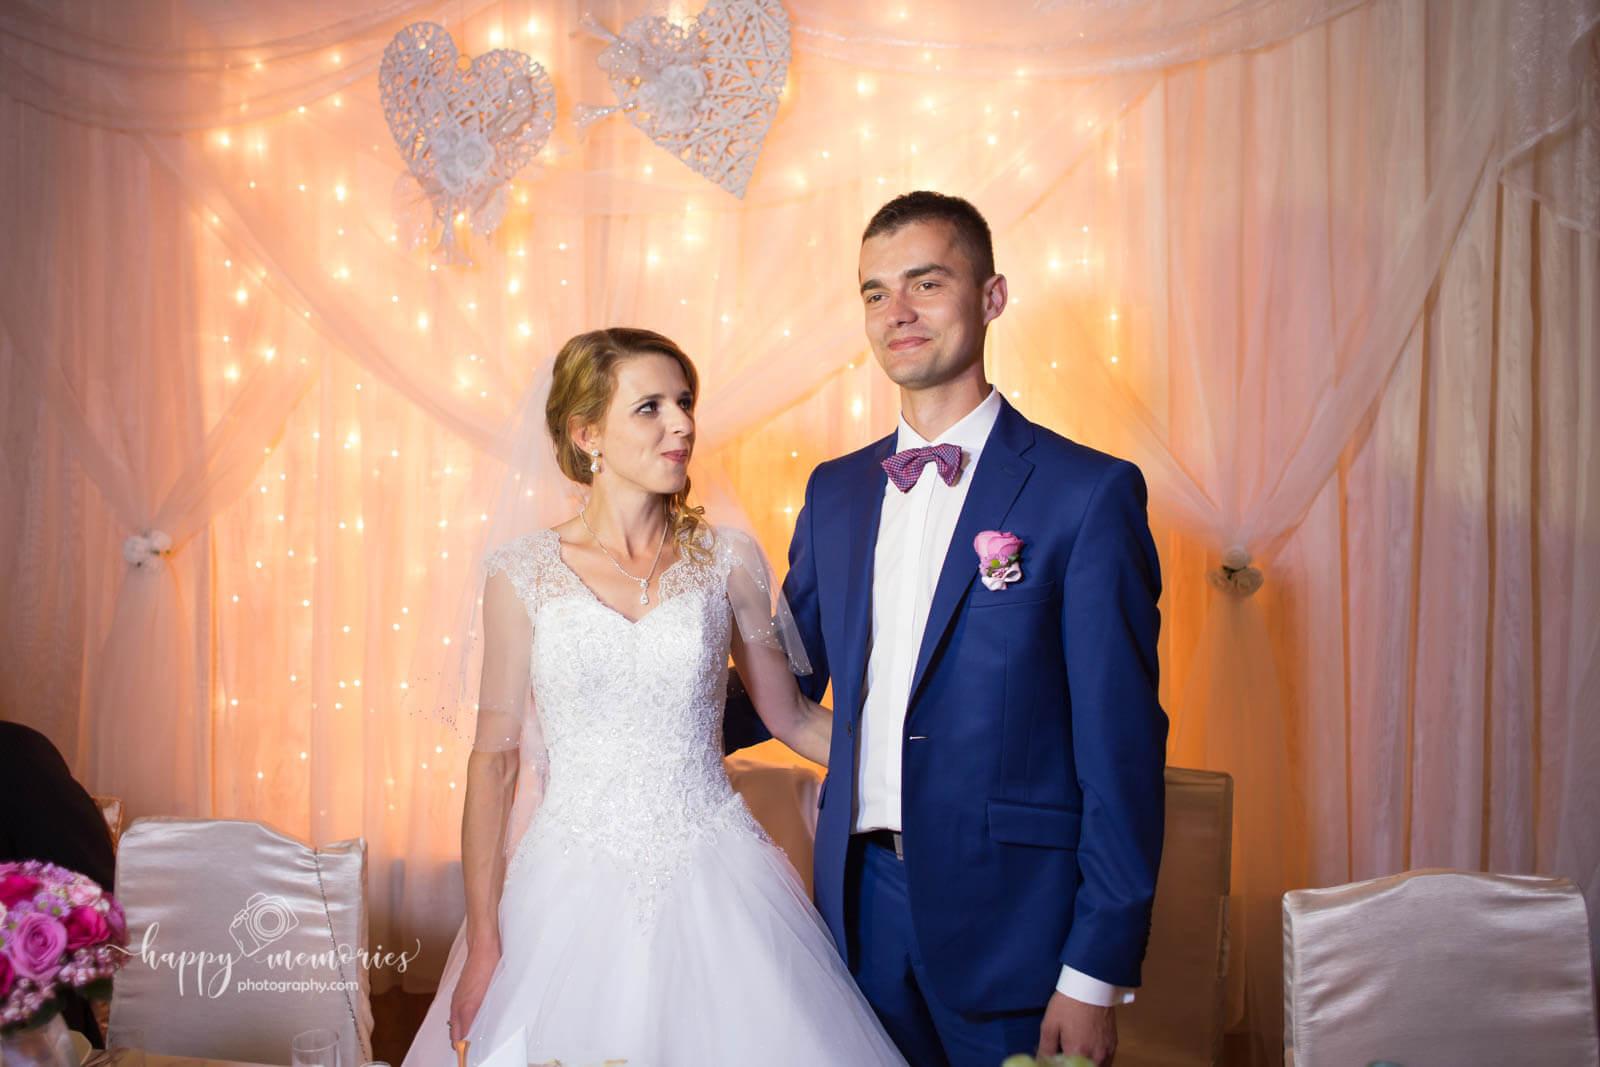 Wedding photographer Horsham-24